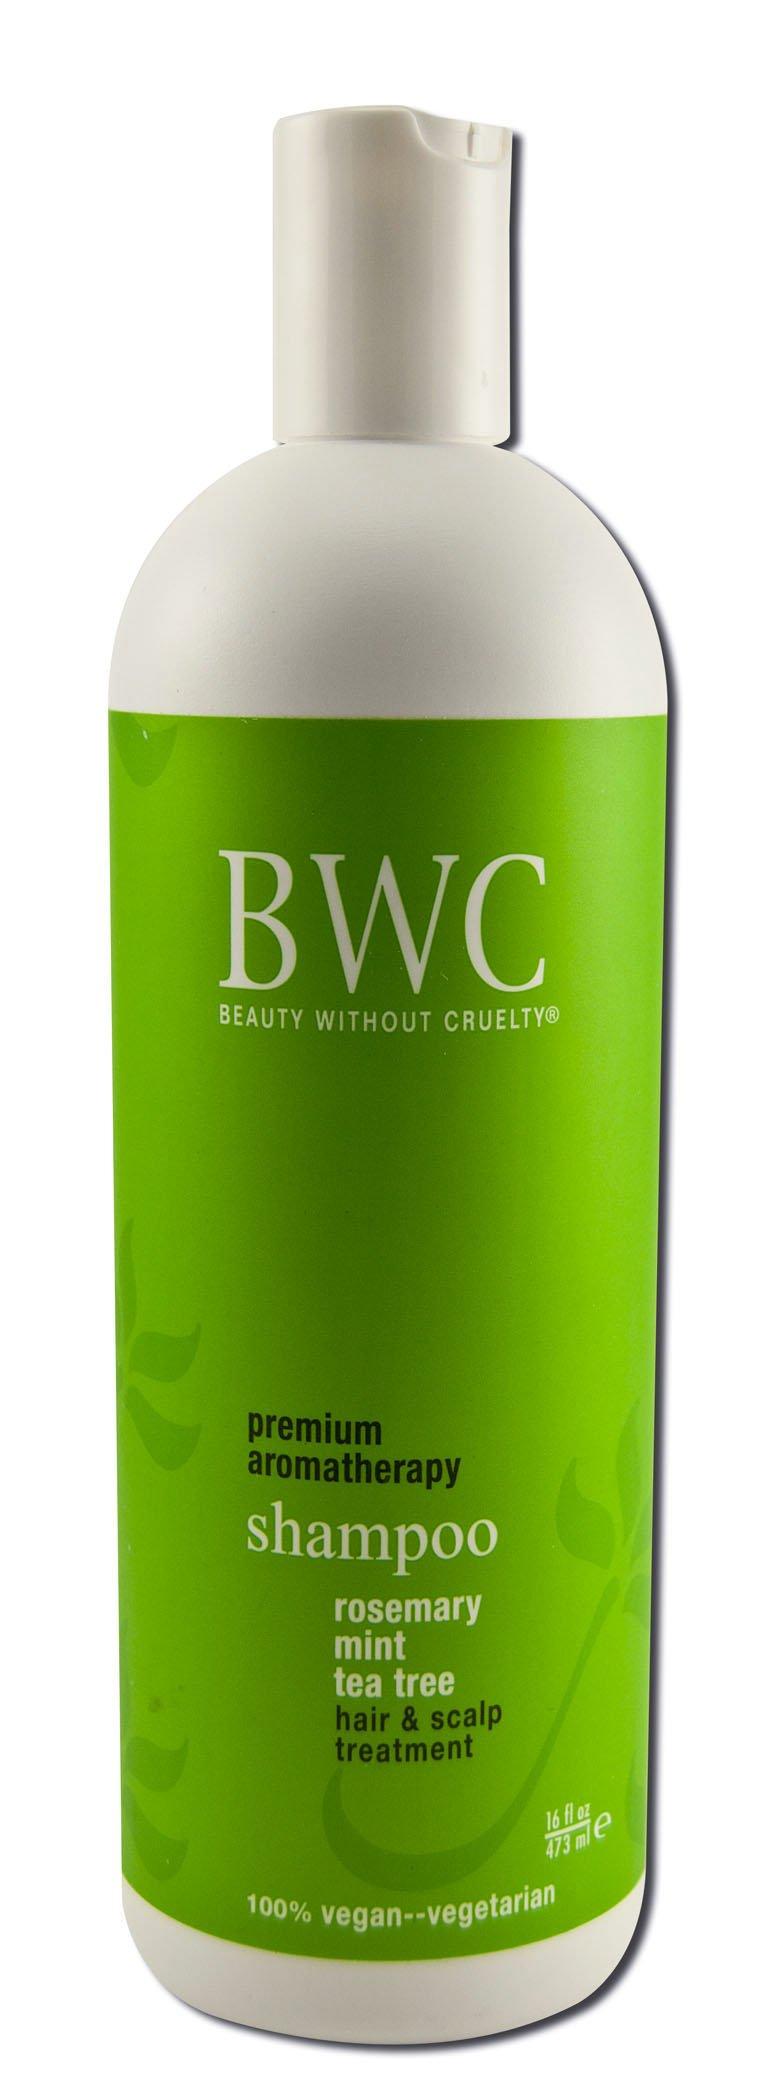 Beauty Without Cruelty Rosemary/mint/tea Tree Shampoo 16 fl oz